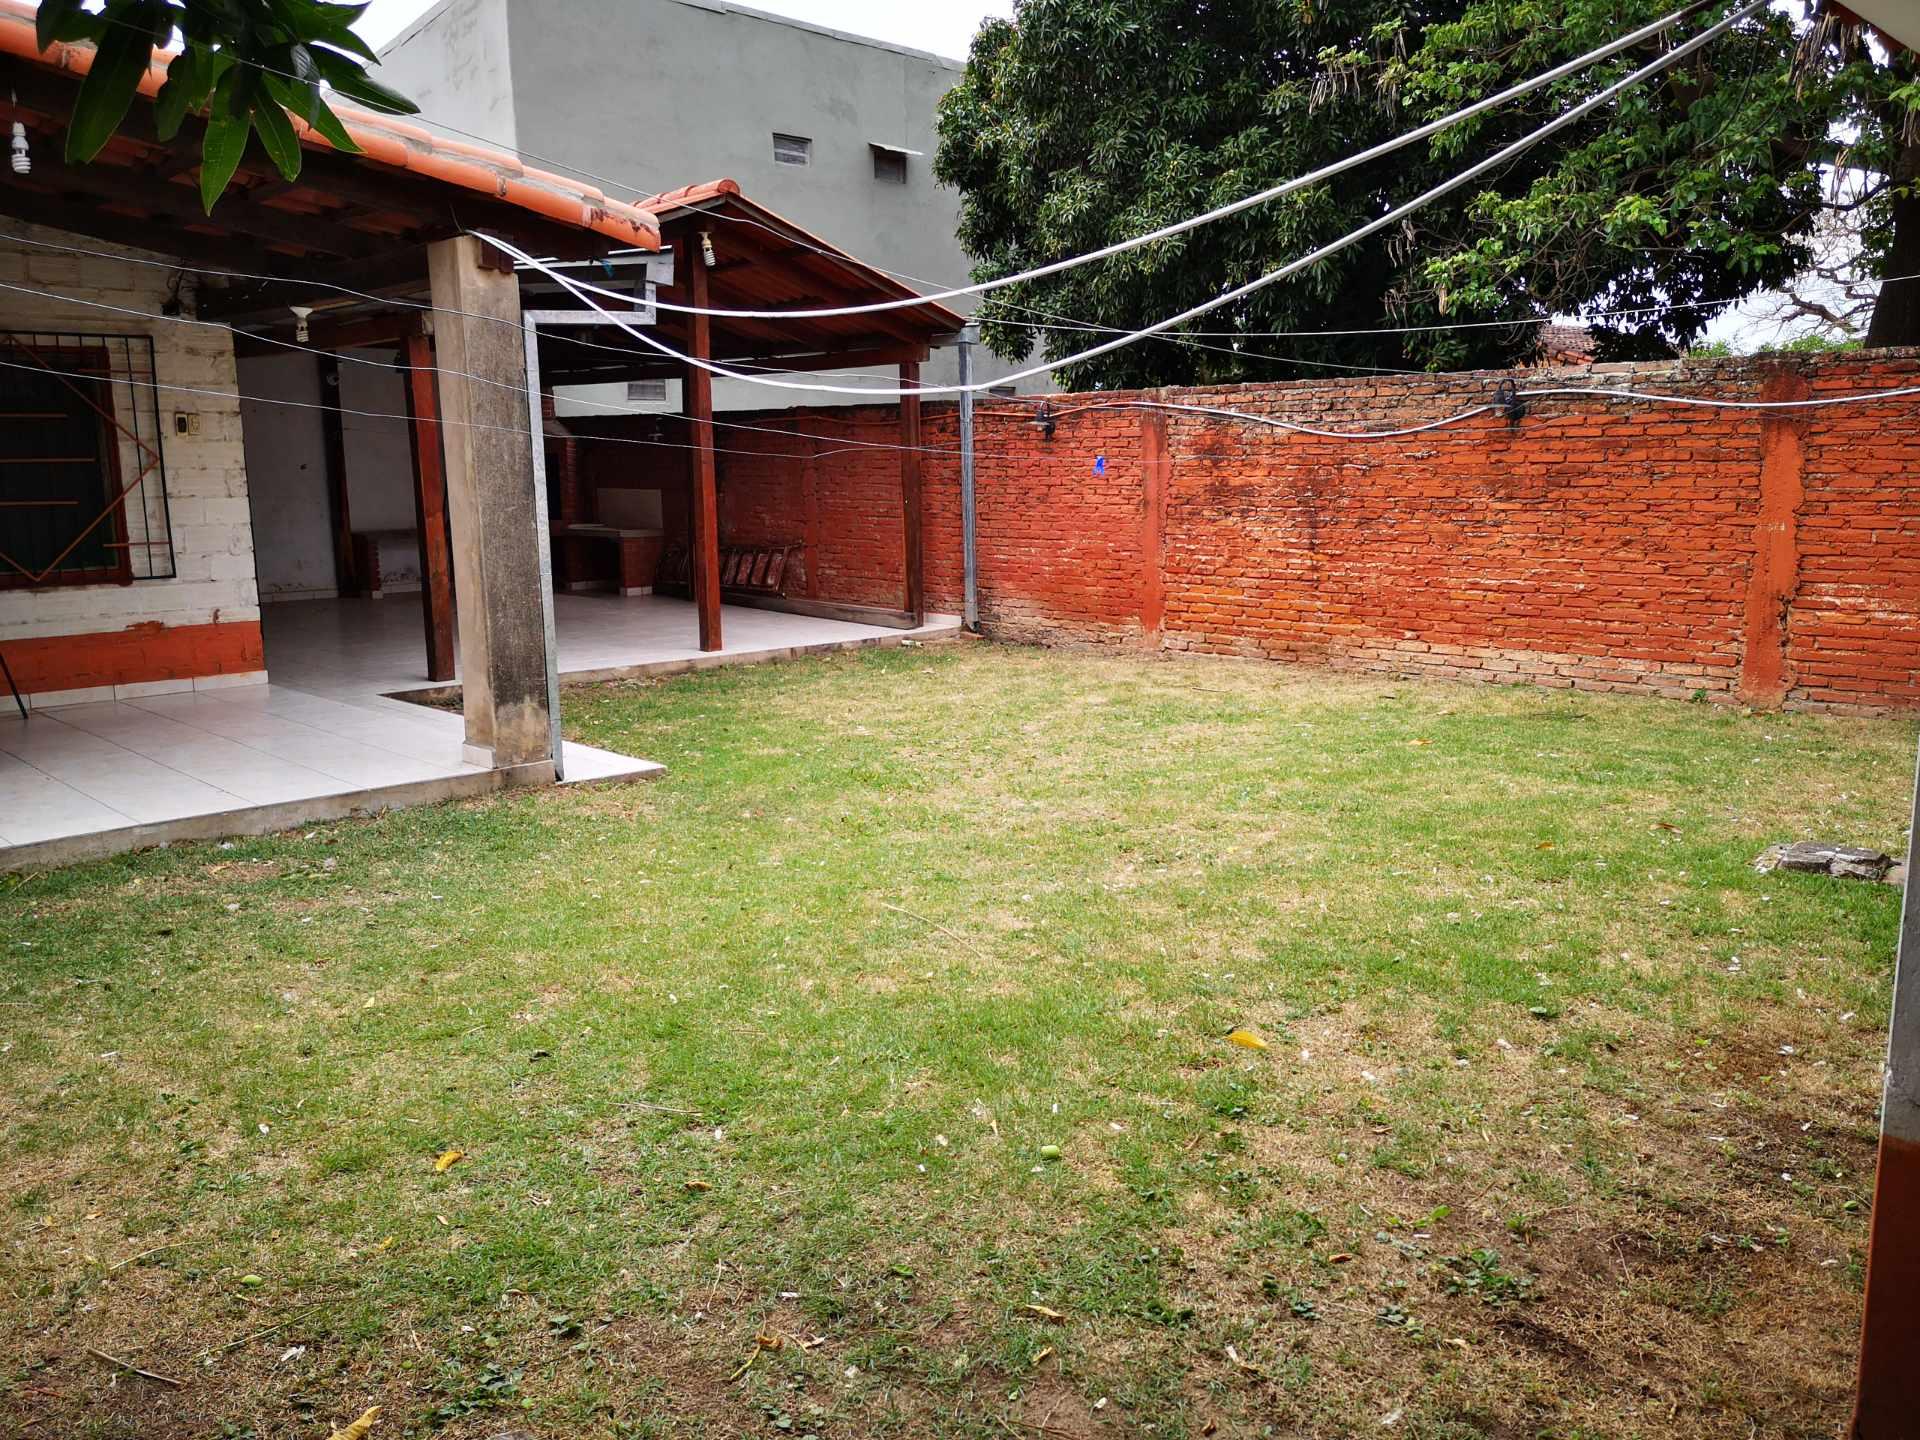 Casa en Alquiler Entre 4to y 5to anilo, entre Radial 10 y Av Sudamericana Calle Asoka Foto 2